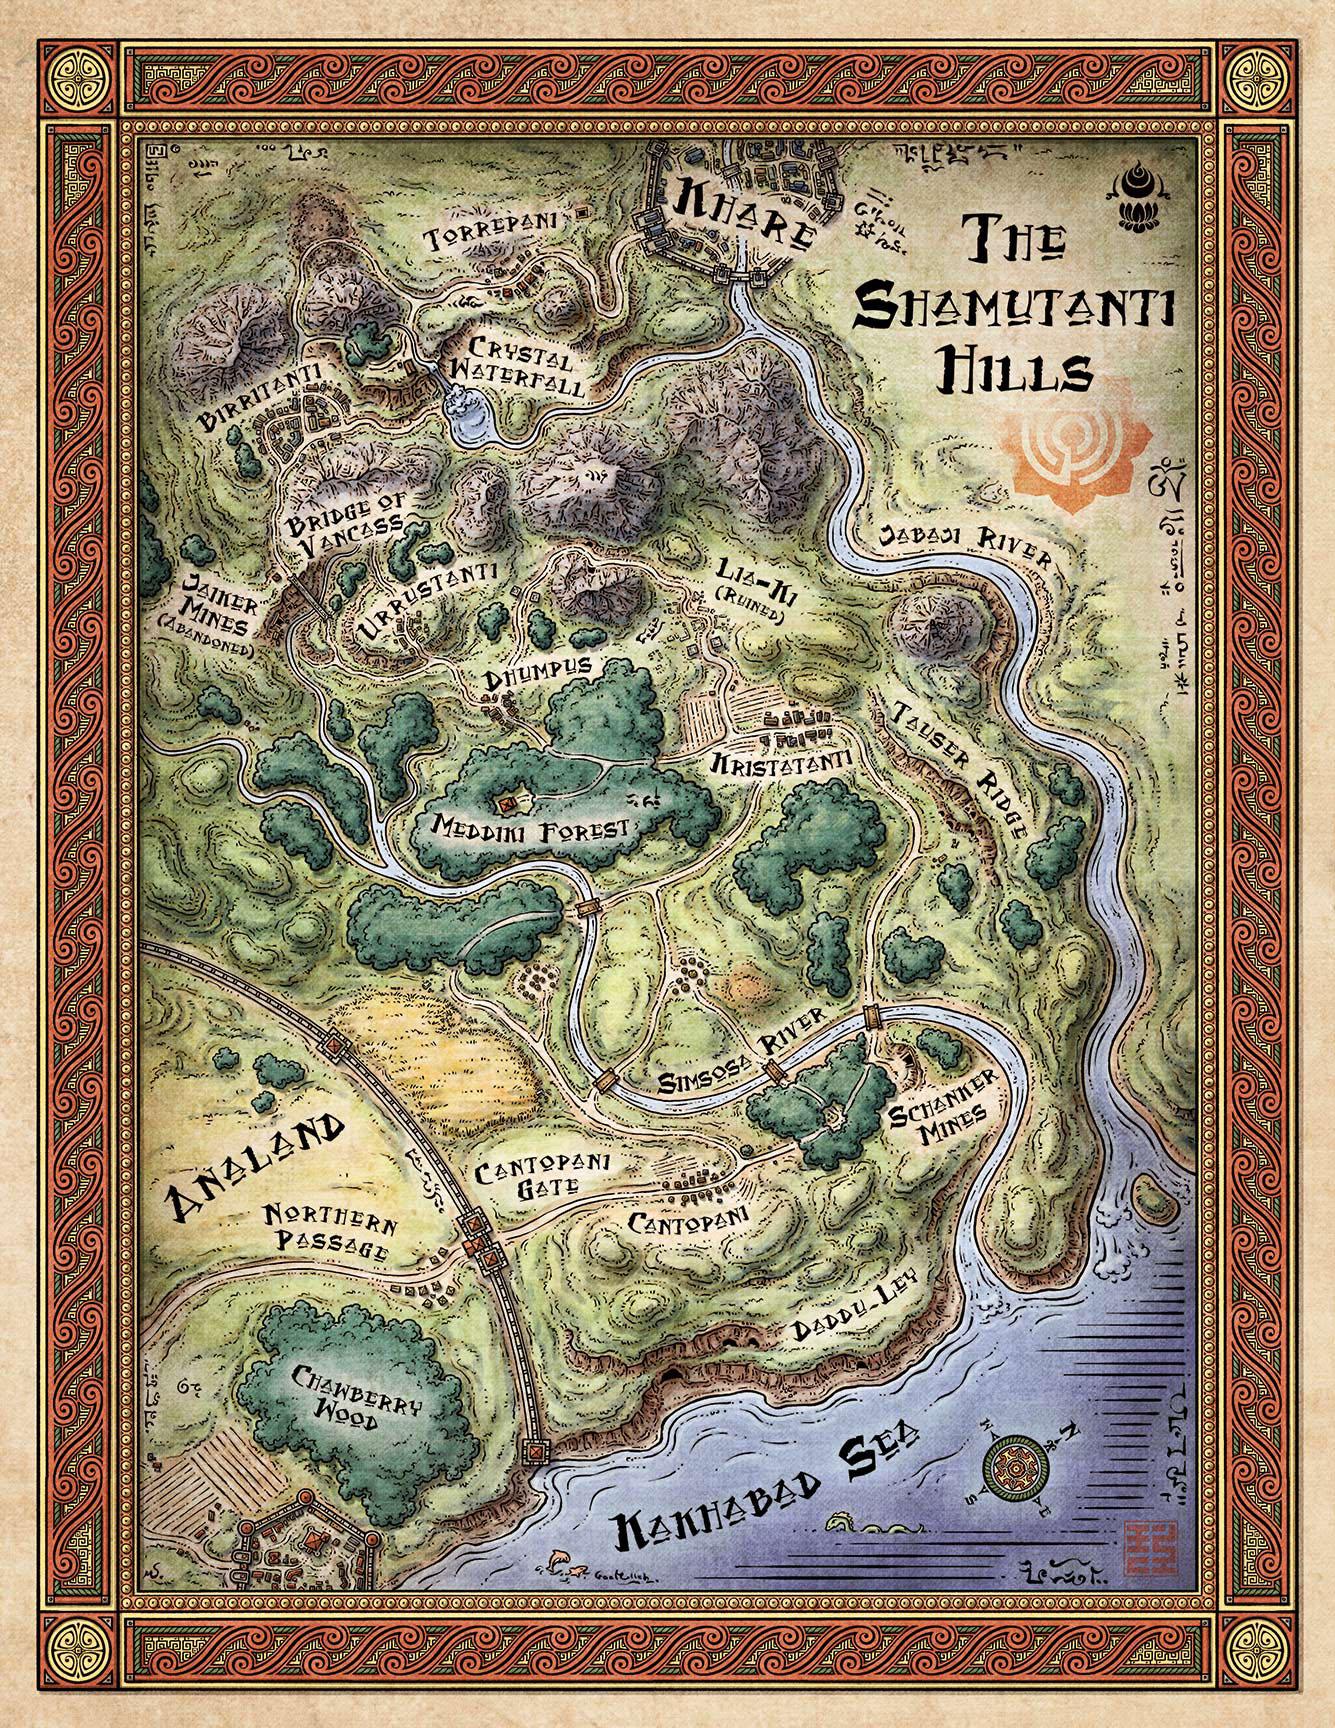 Shamutanti Hills Map